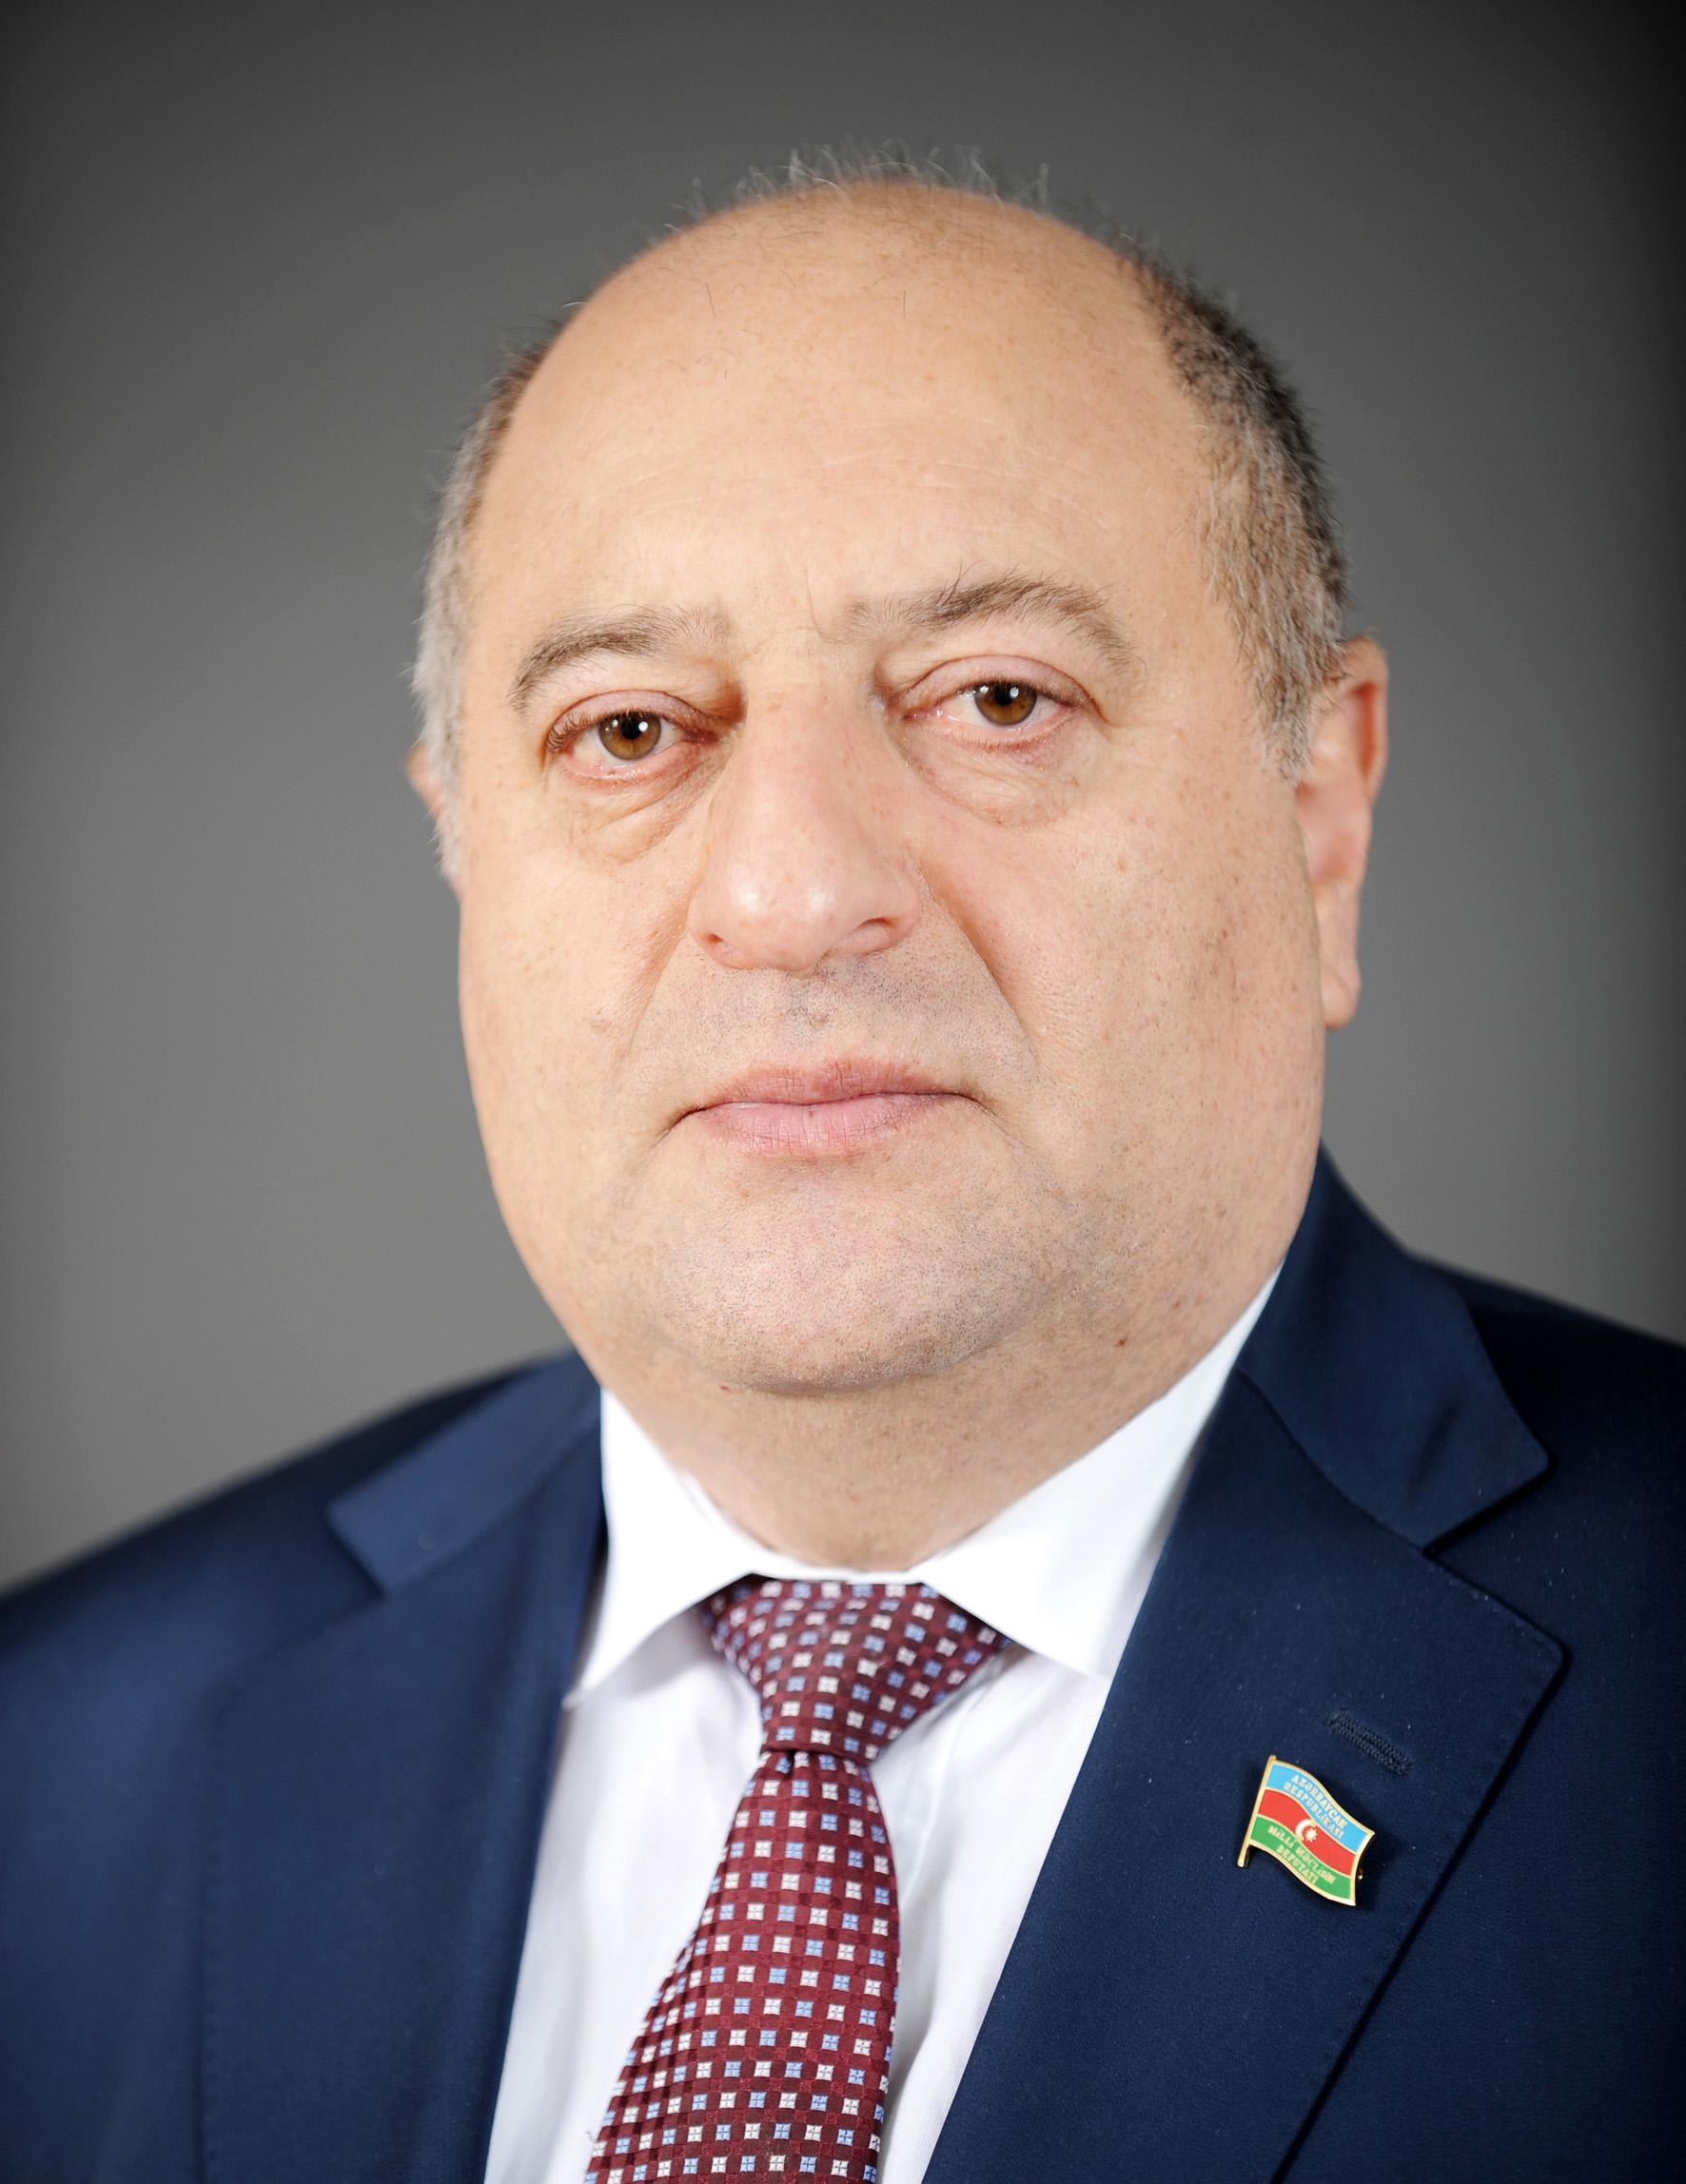 Milli Məclisin Səhiyyə komitəsinin sədr müavini Musa Quliyev ( Urud)